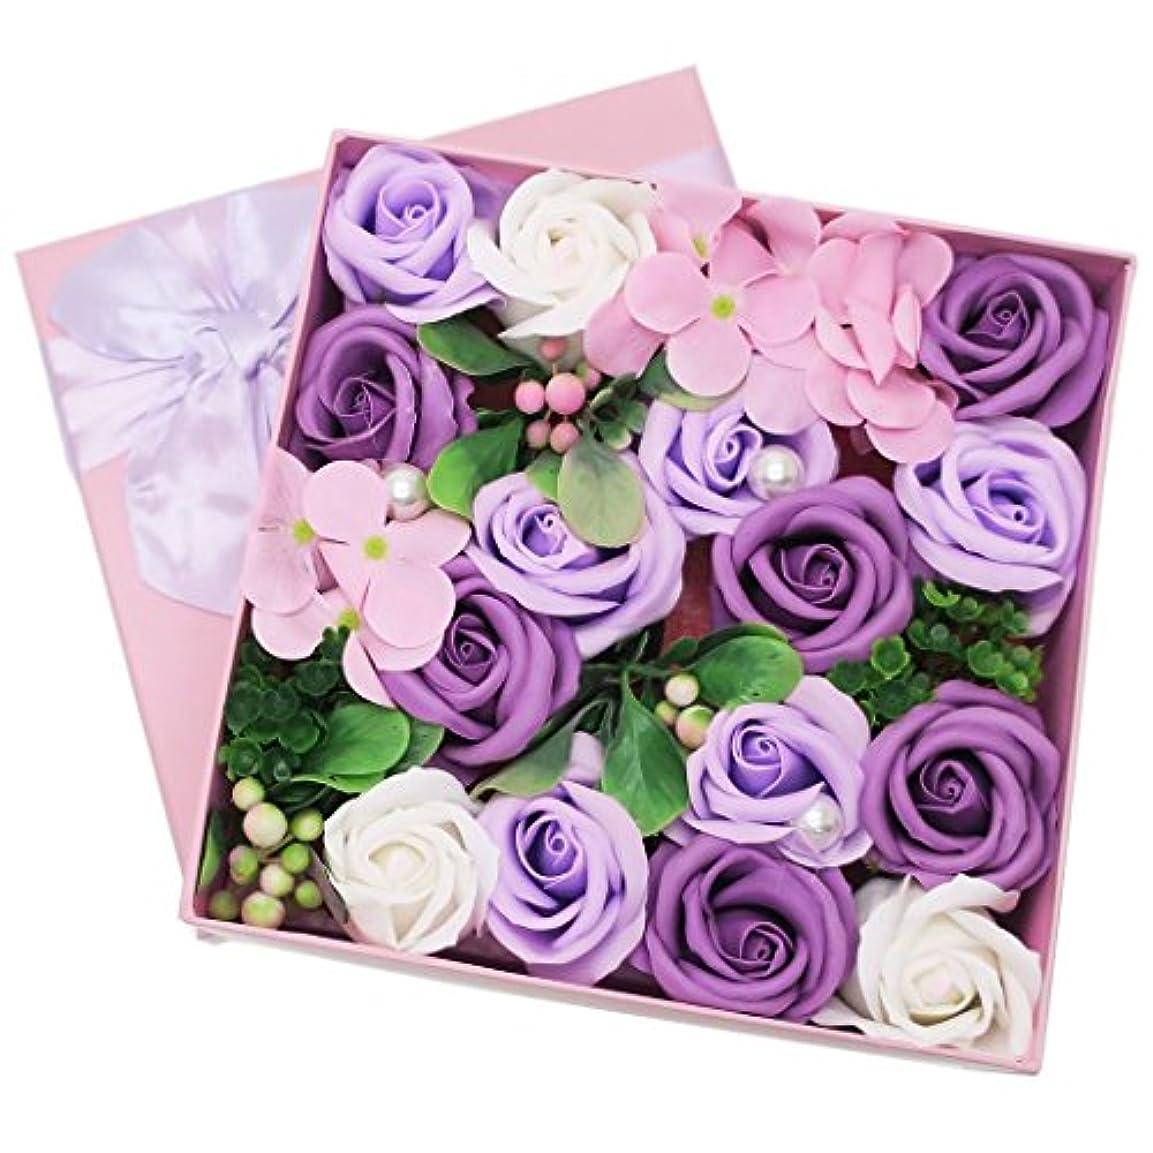 呼ぶスキームあからさまポピー名古屋(Poppy Nagoya) 造花 ブルー 20×20×9cm